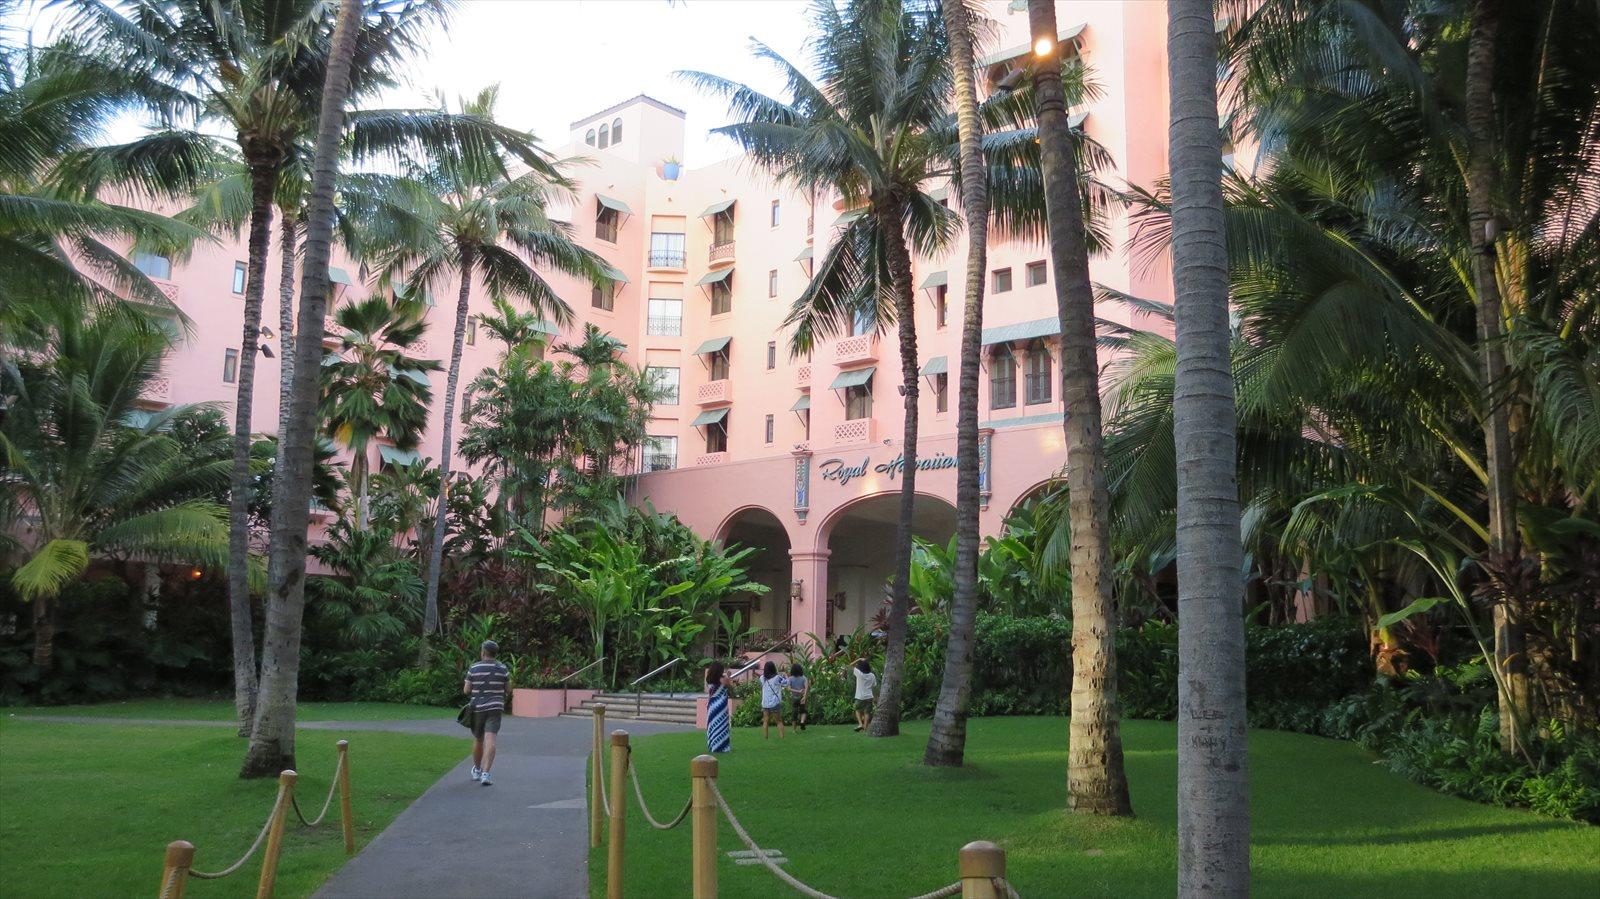 ワイキキホテル巡り(1) お気に入りのロイヤルハワイアンホテルお散歩